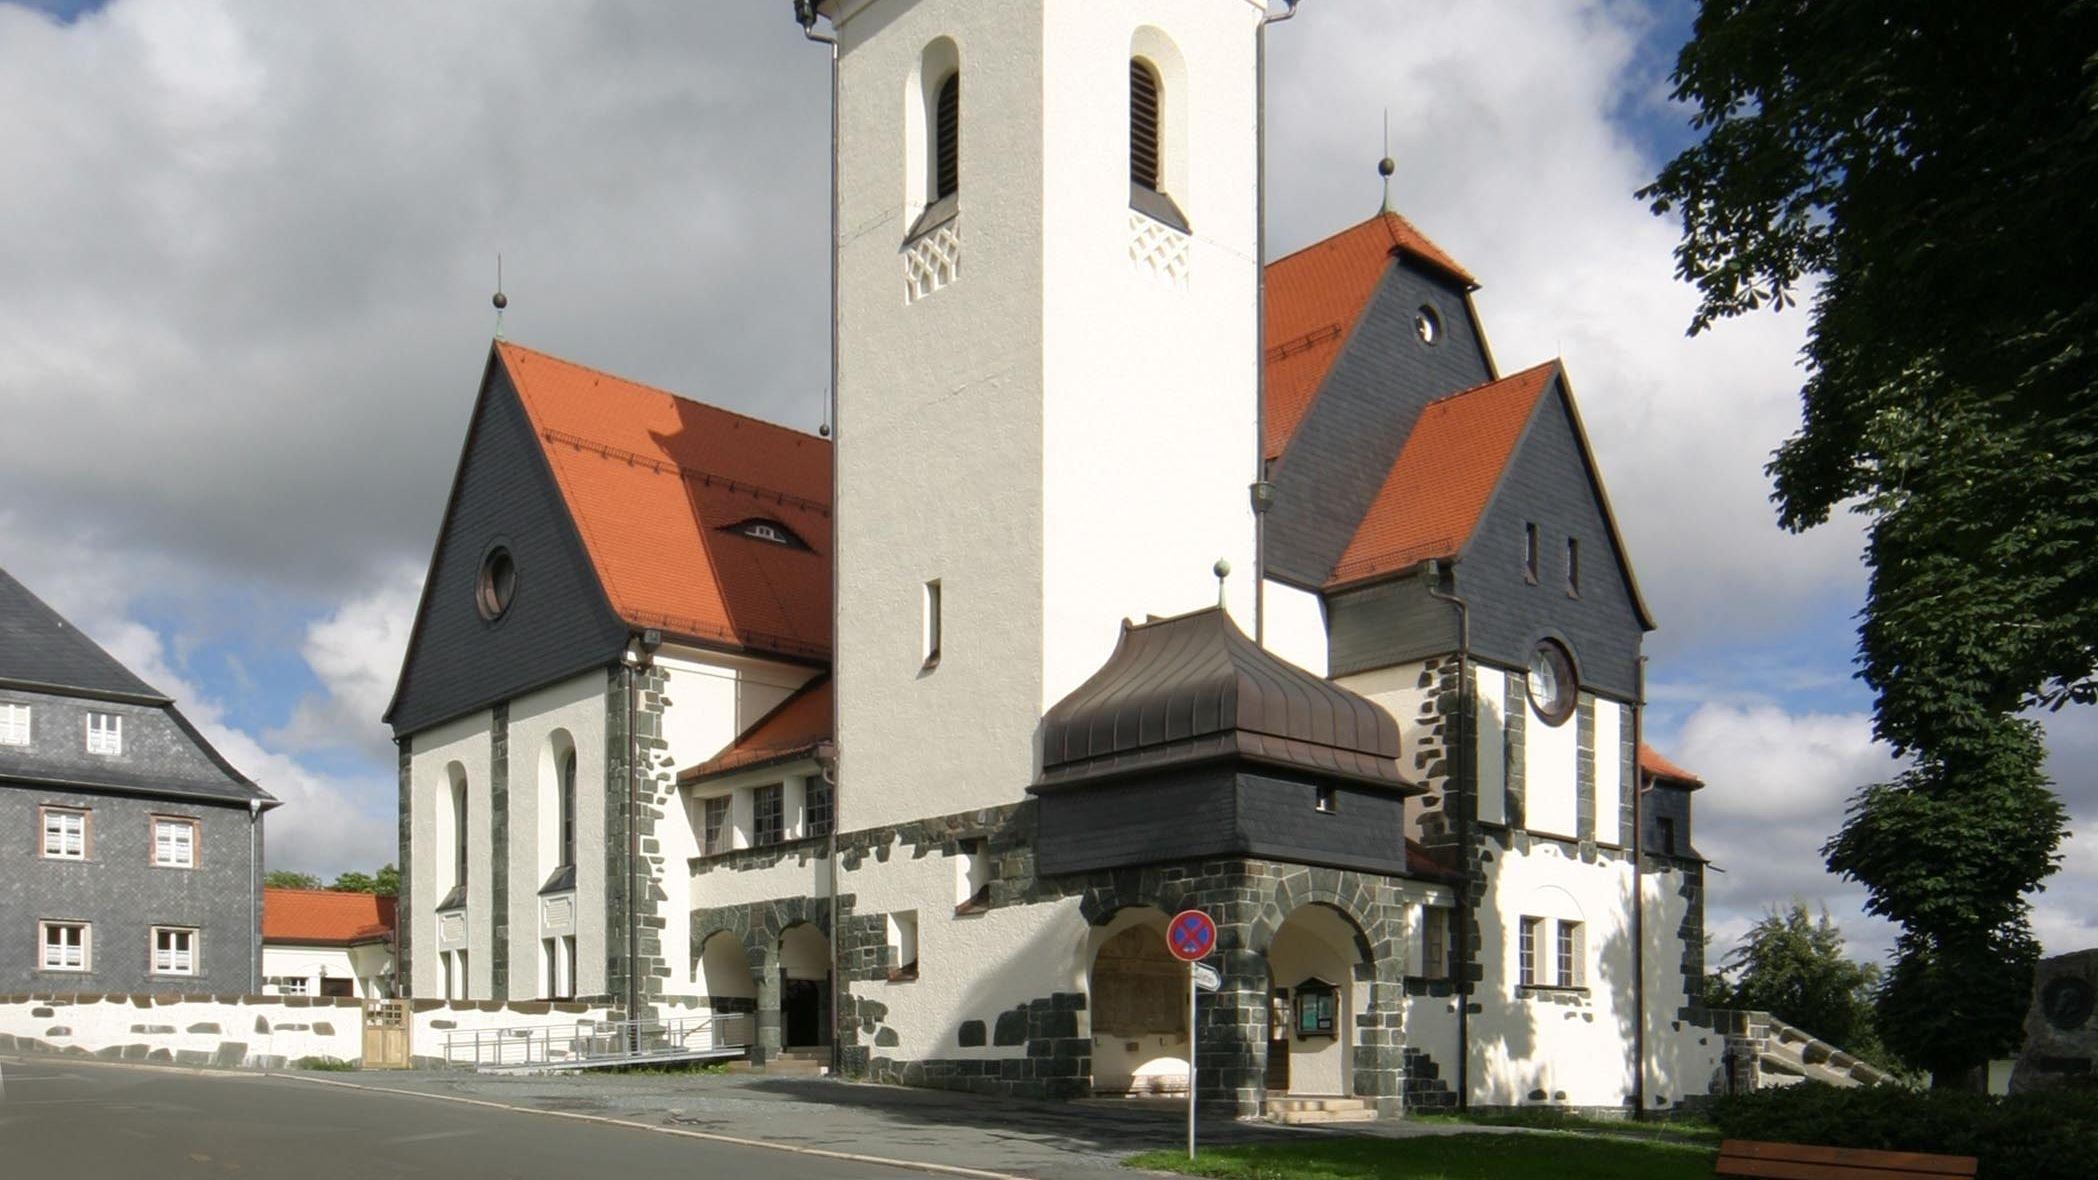 Kirche aus dem Jahr 1908 mit weißen Mauern, Schiefergiebeln und roten Dächern